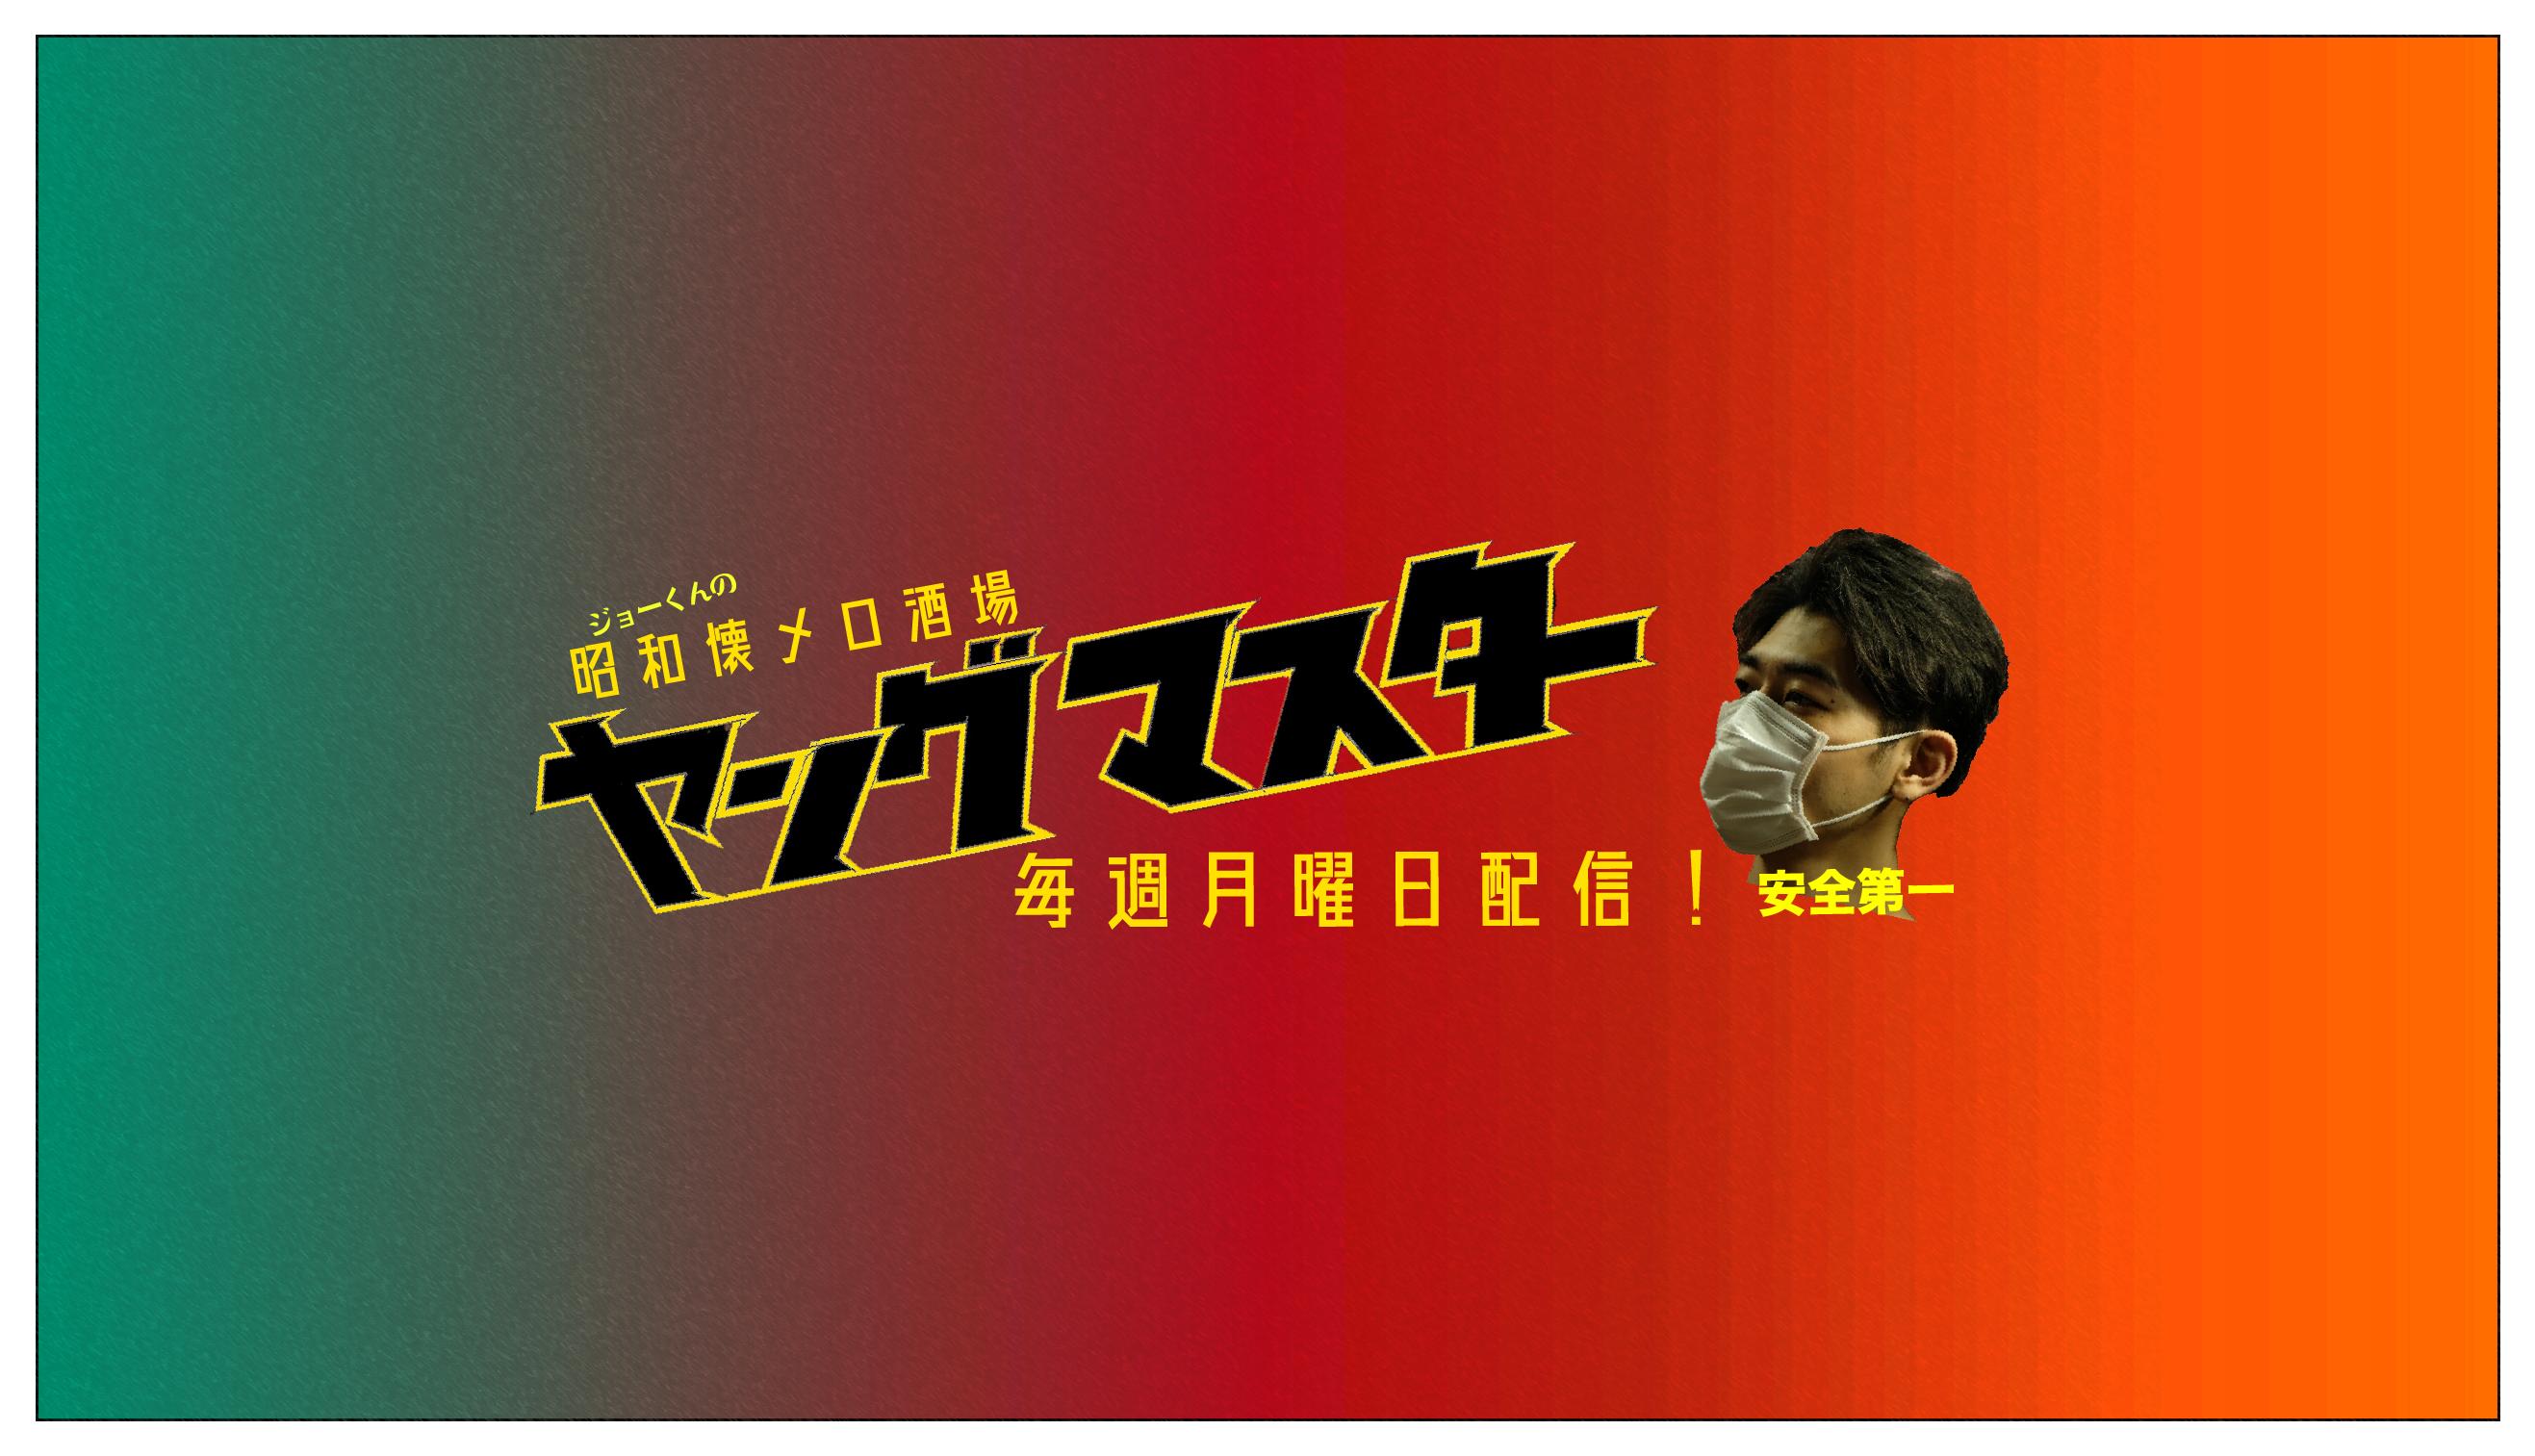 【毎週月曜】ジョー雅之の昭和ヤングメロディ(仮)【配信予定】